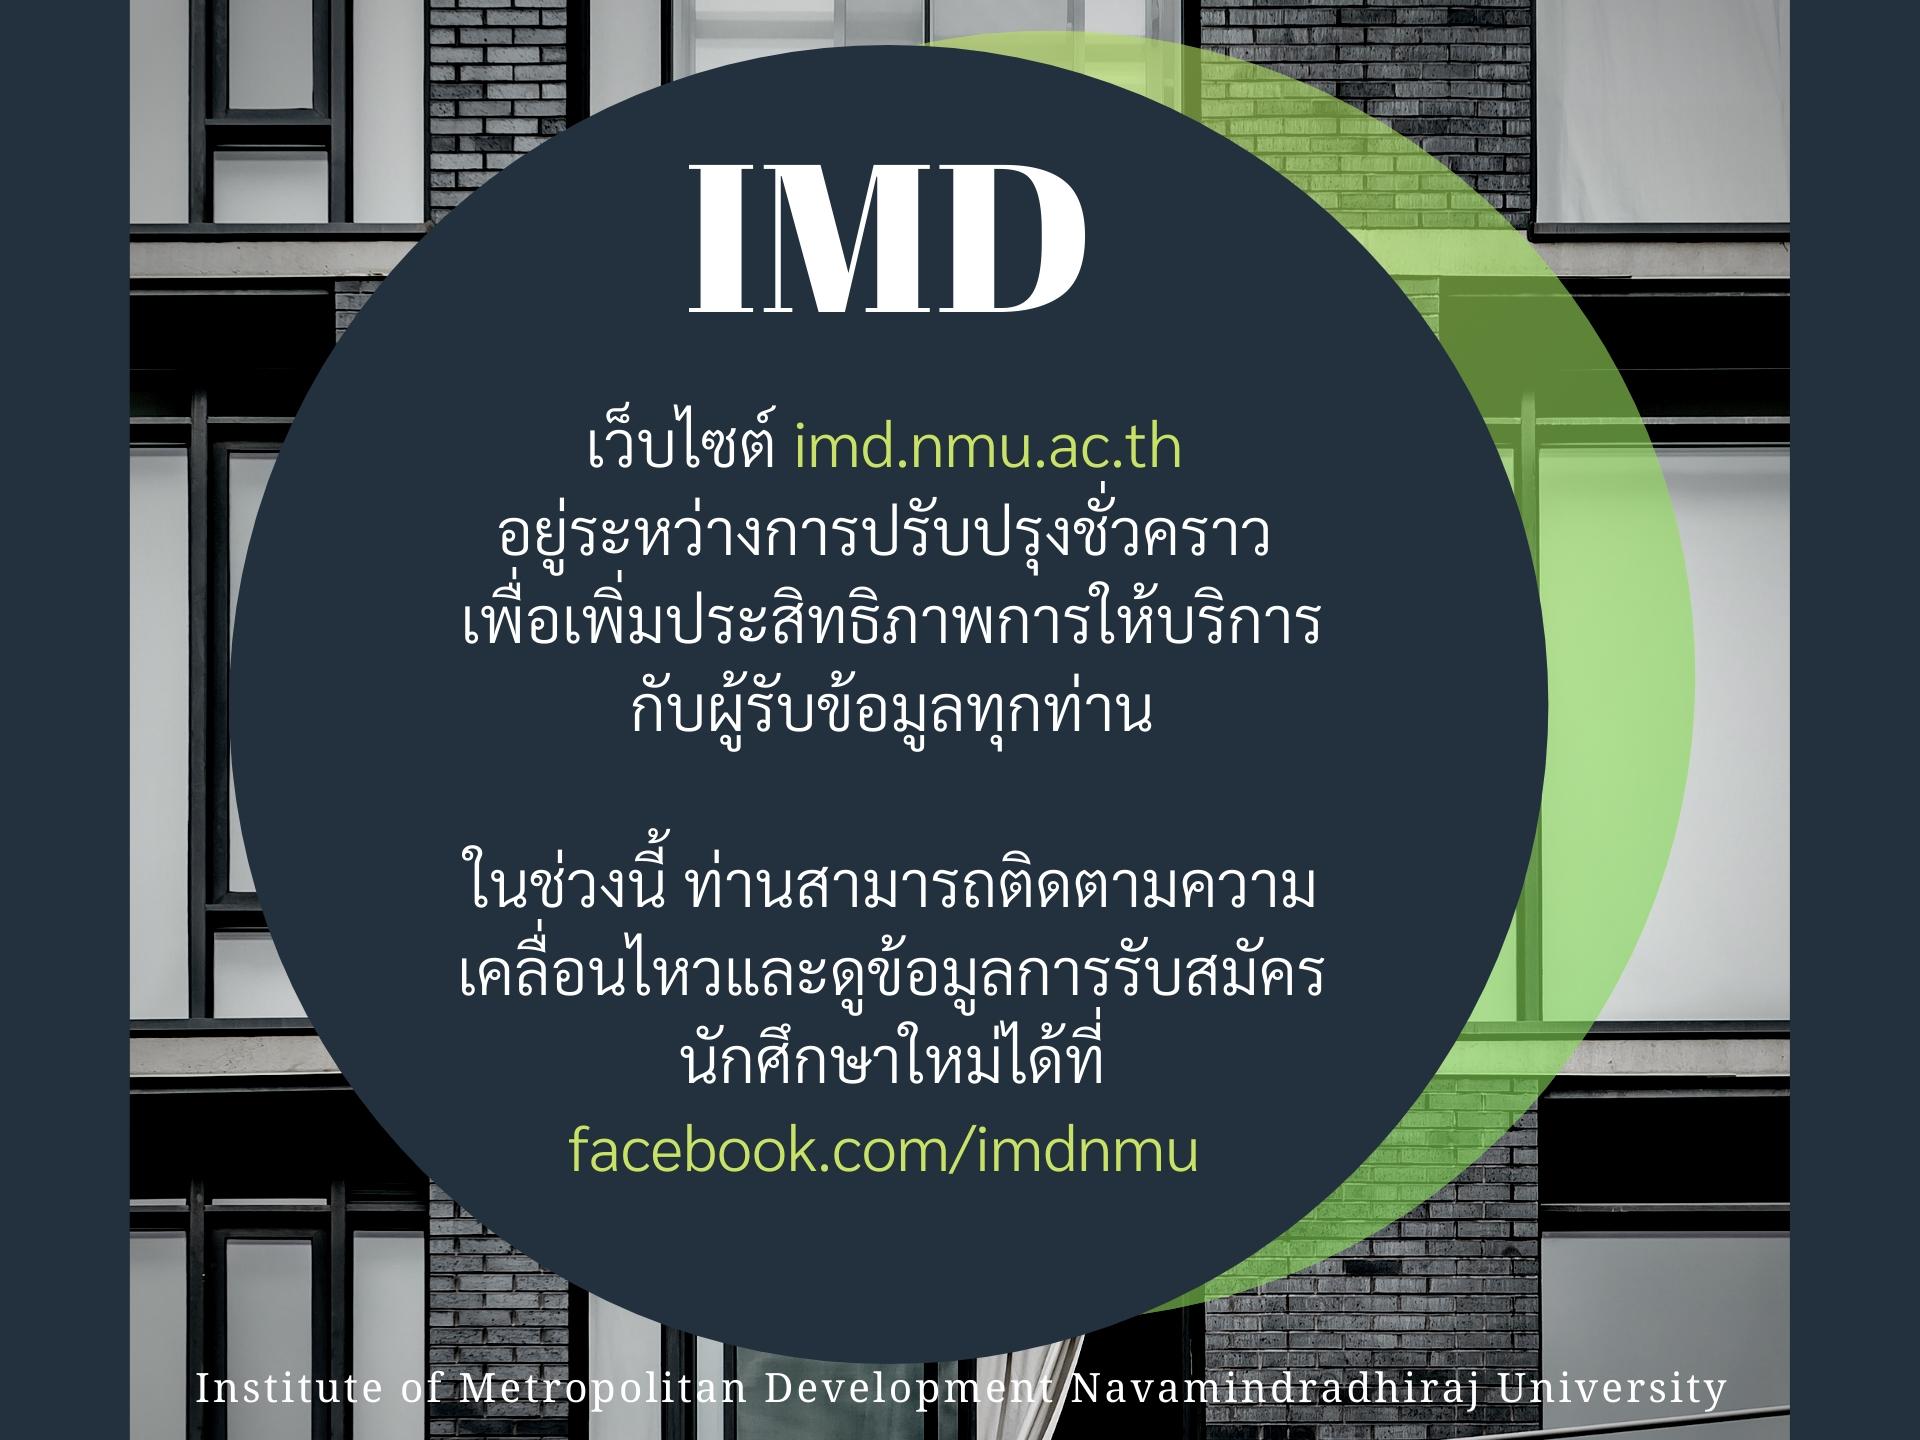 ขณะนี้ เว็บไซต์ imd.nmu.ac.th อยู่ระหว่างการปรับปรุงชั่วคราว